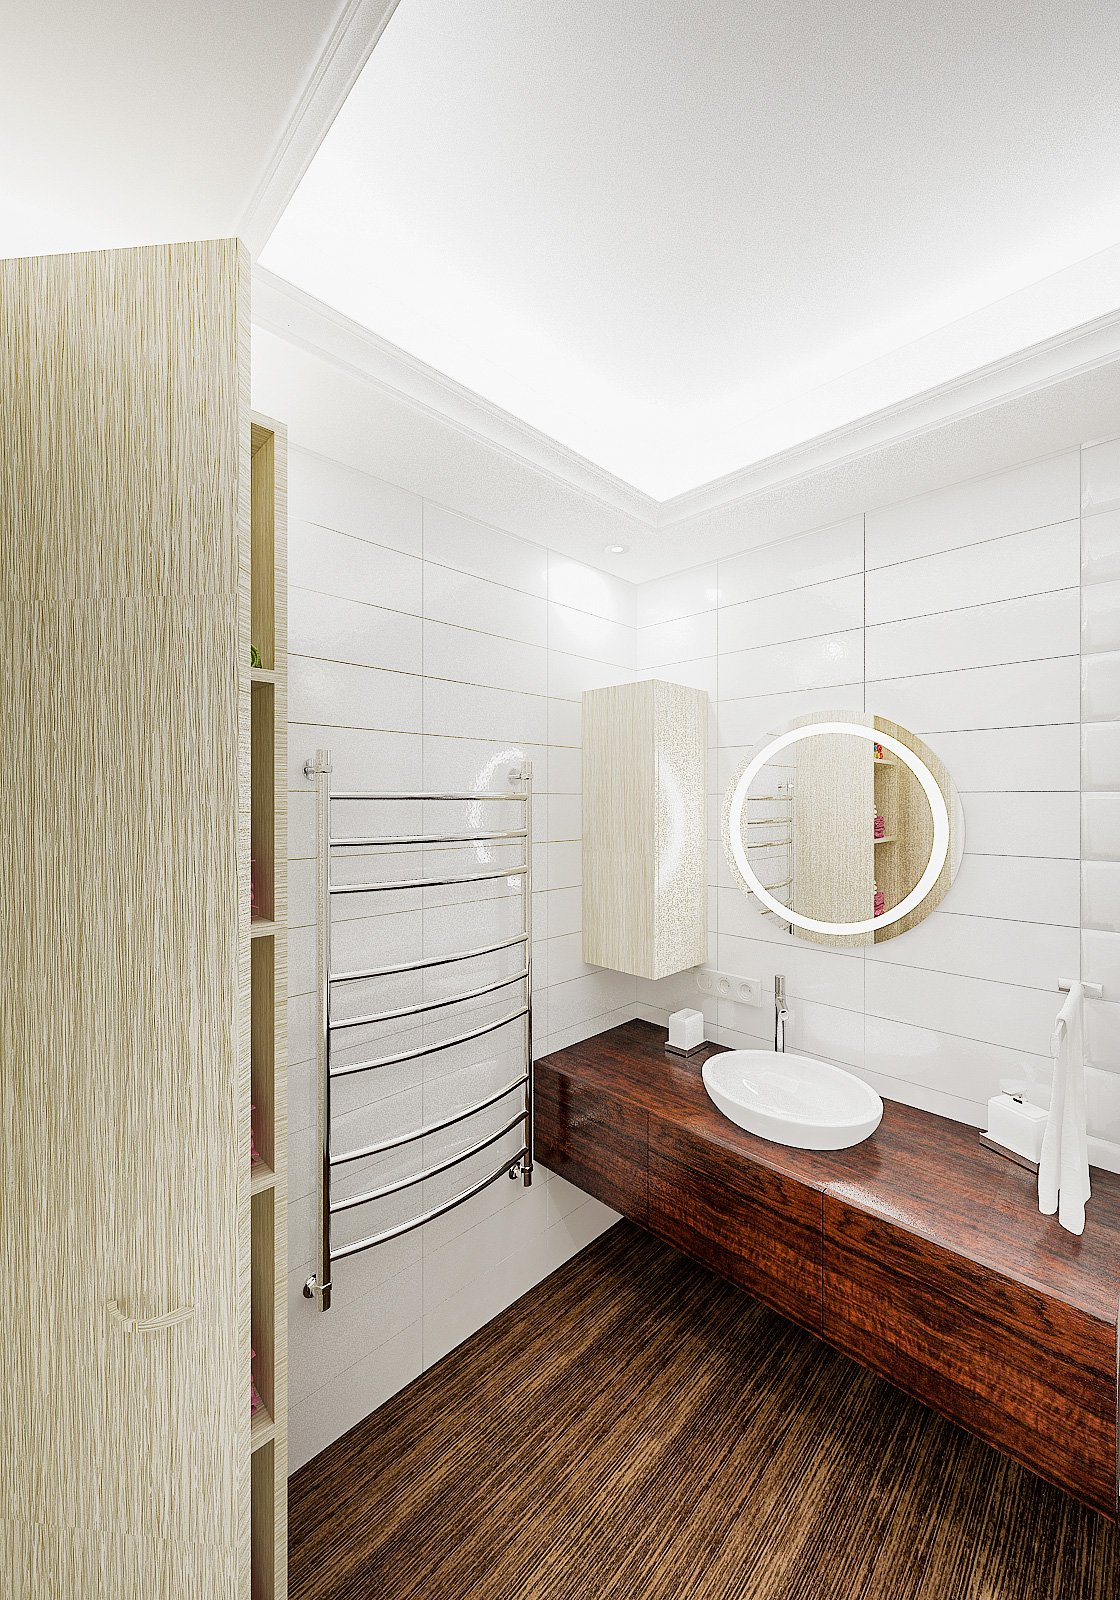 Круглое зеркало с подсветкой в ванной, круглый умывальник на тумбе, светлая ванная, плитка объемная, потолок с закарнизной подсветкой в ванной, Дизайн интерьера ванной в Гомеле 3